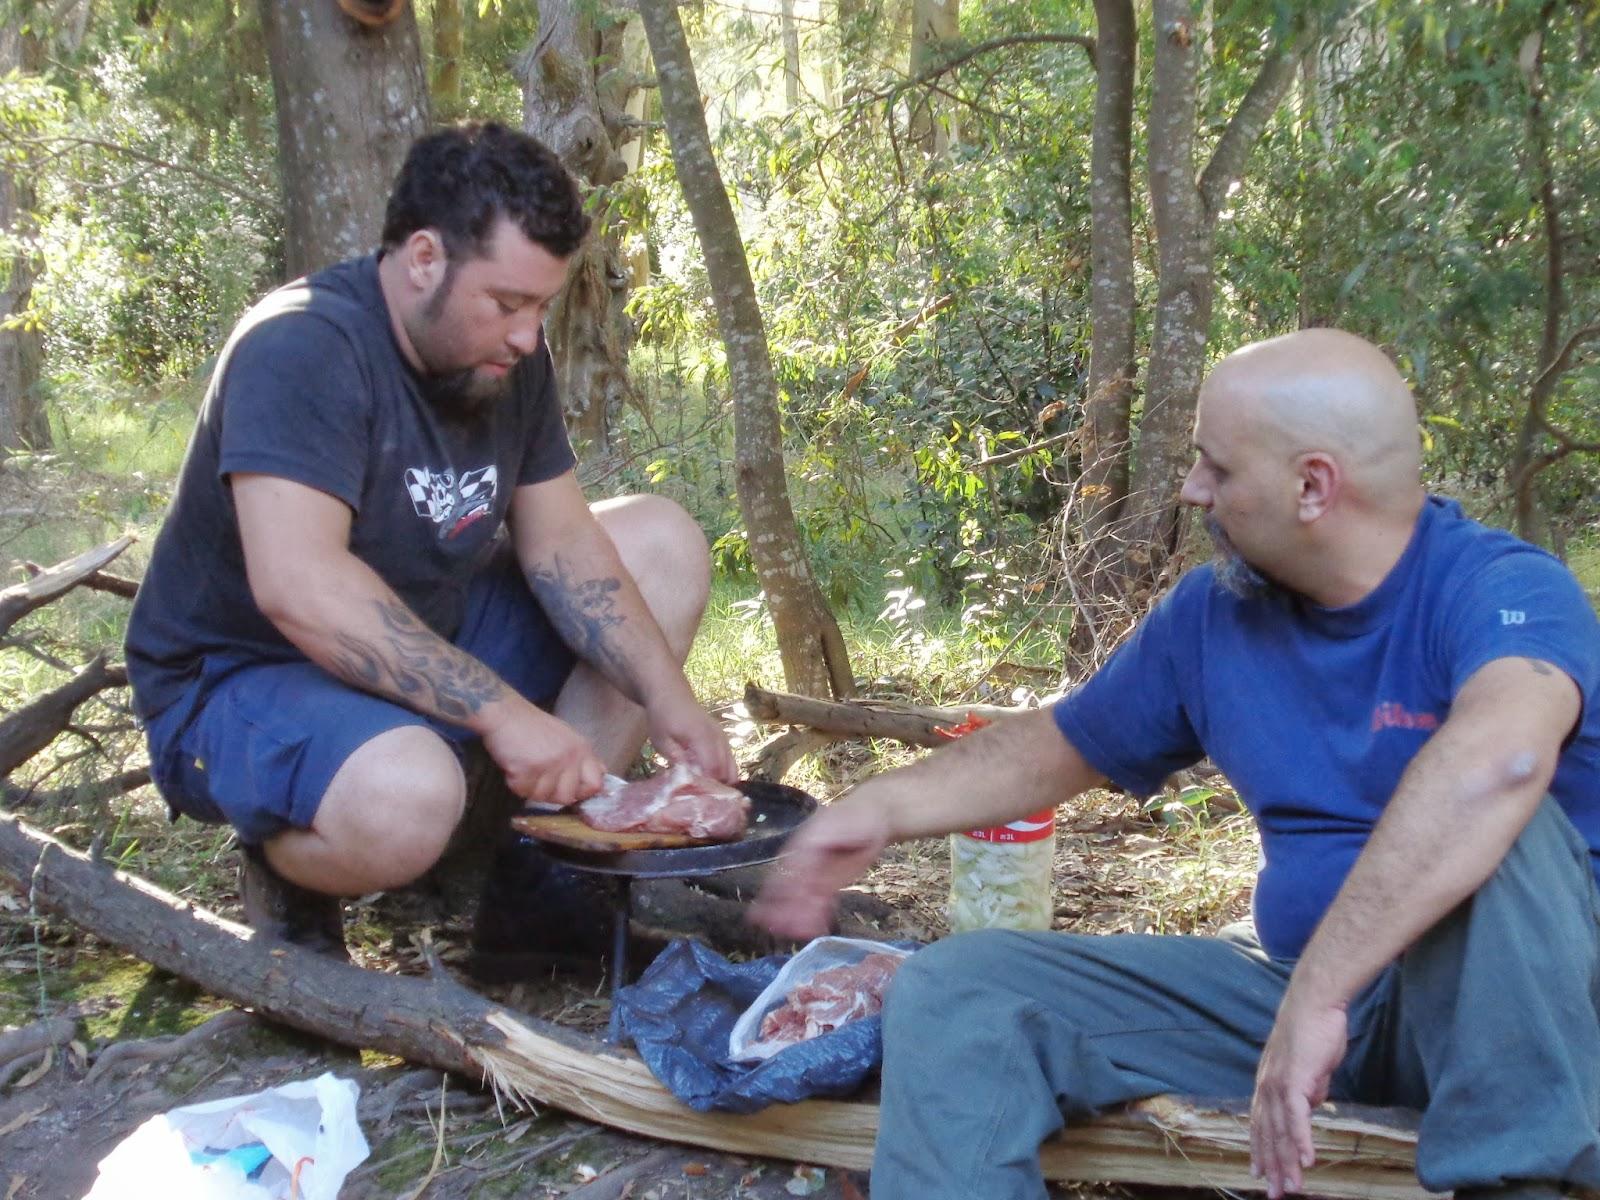 Mis amigos y yo padeciendo el hambre en el monte DSC03326